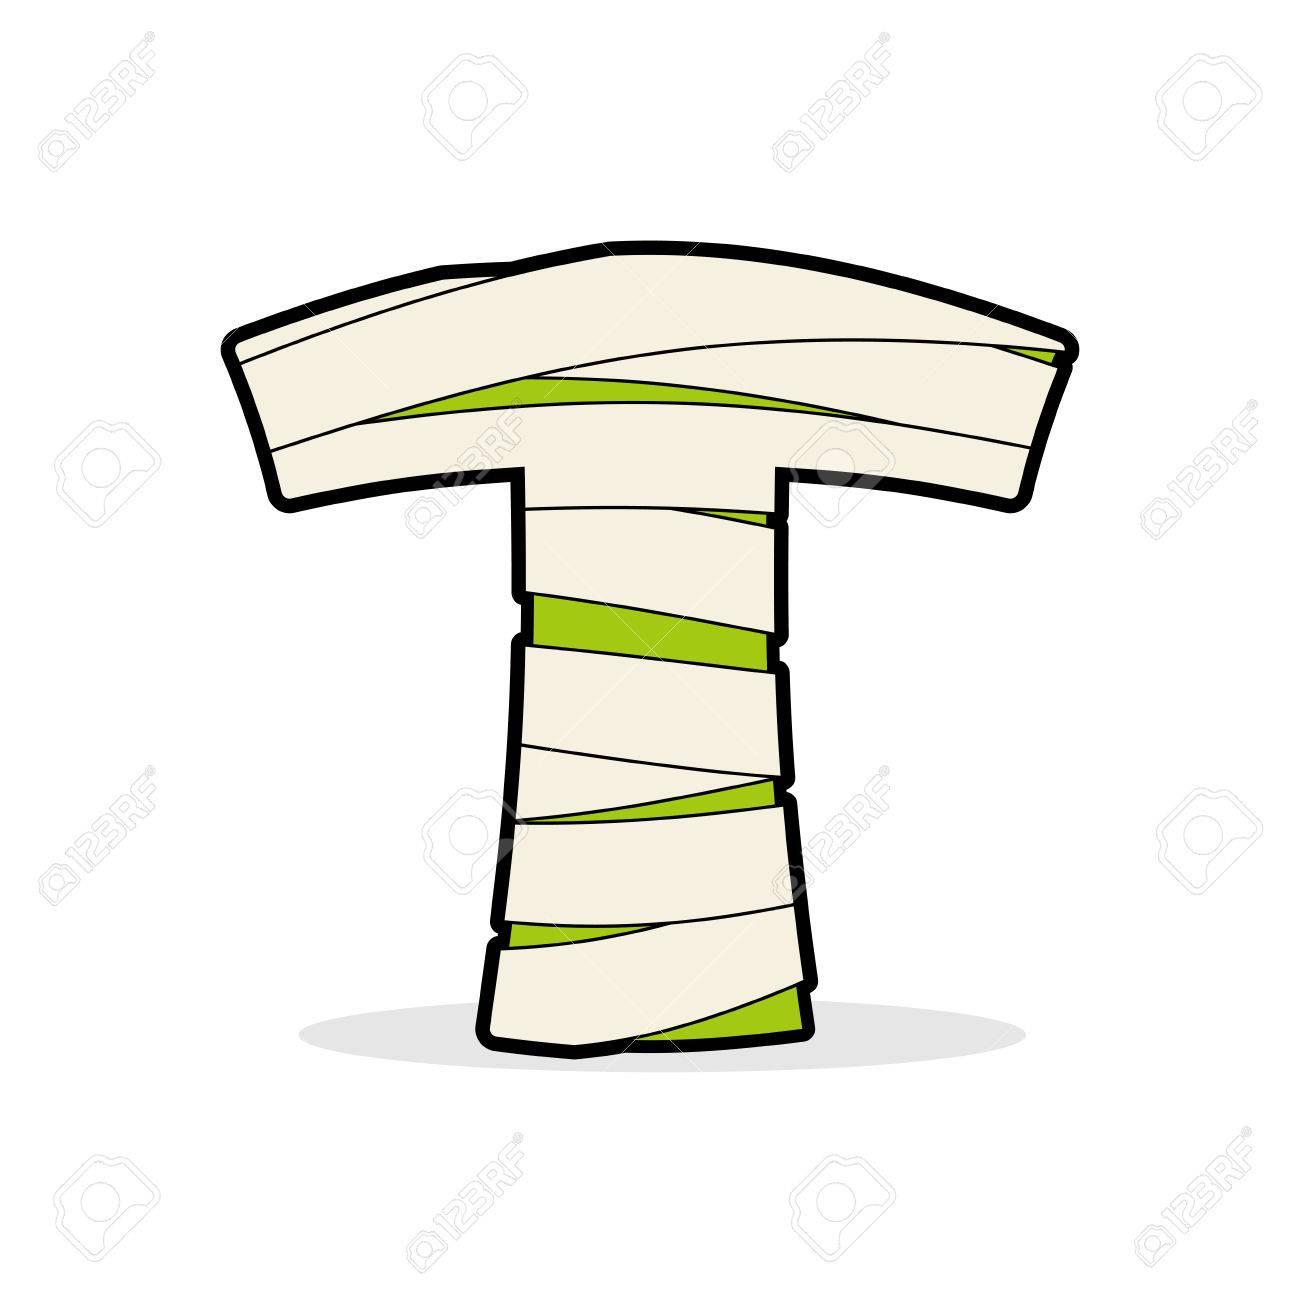 Lettre T Maman Typographie Icône Dans Des Bandages éléments égyptiens Horribles Zombies Modèle Alphabet Abc Type Que Logotype De Concept